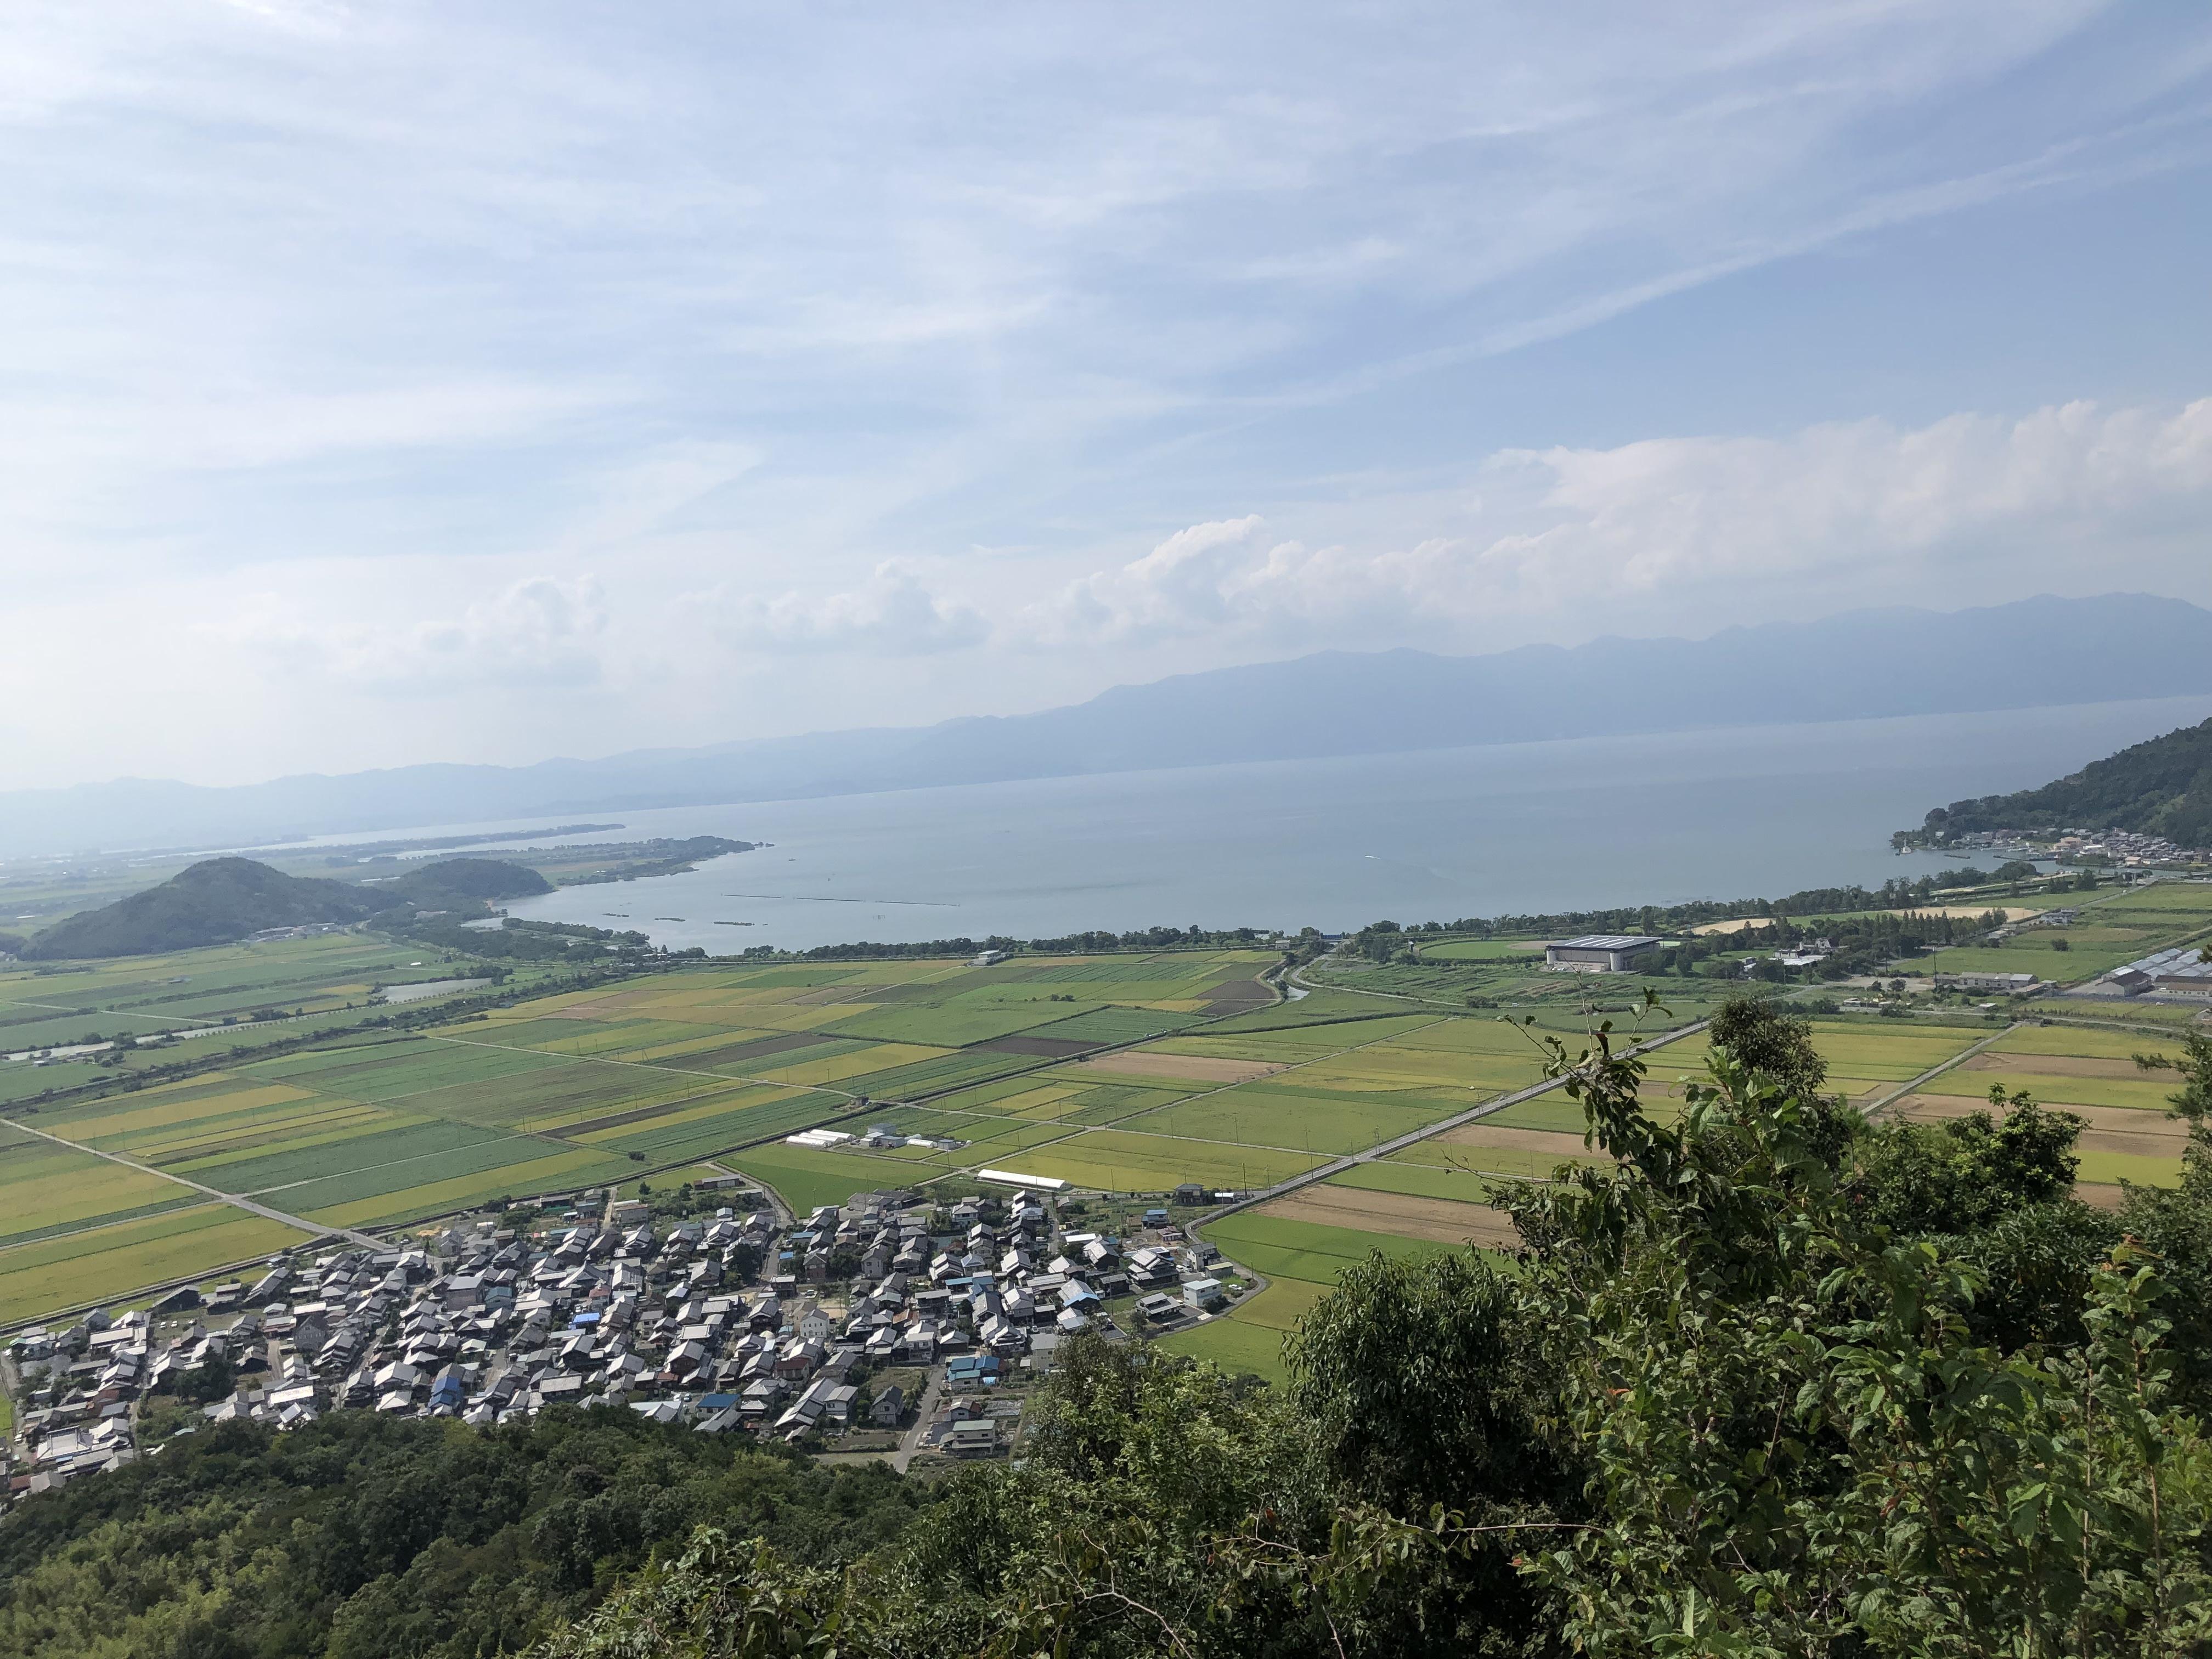 ハーレーダイナとカワサキで行く近江八幡ツーリング 八幡山絶景ポイント